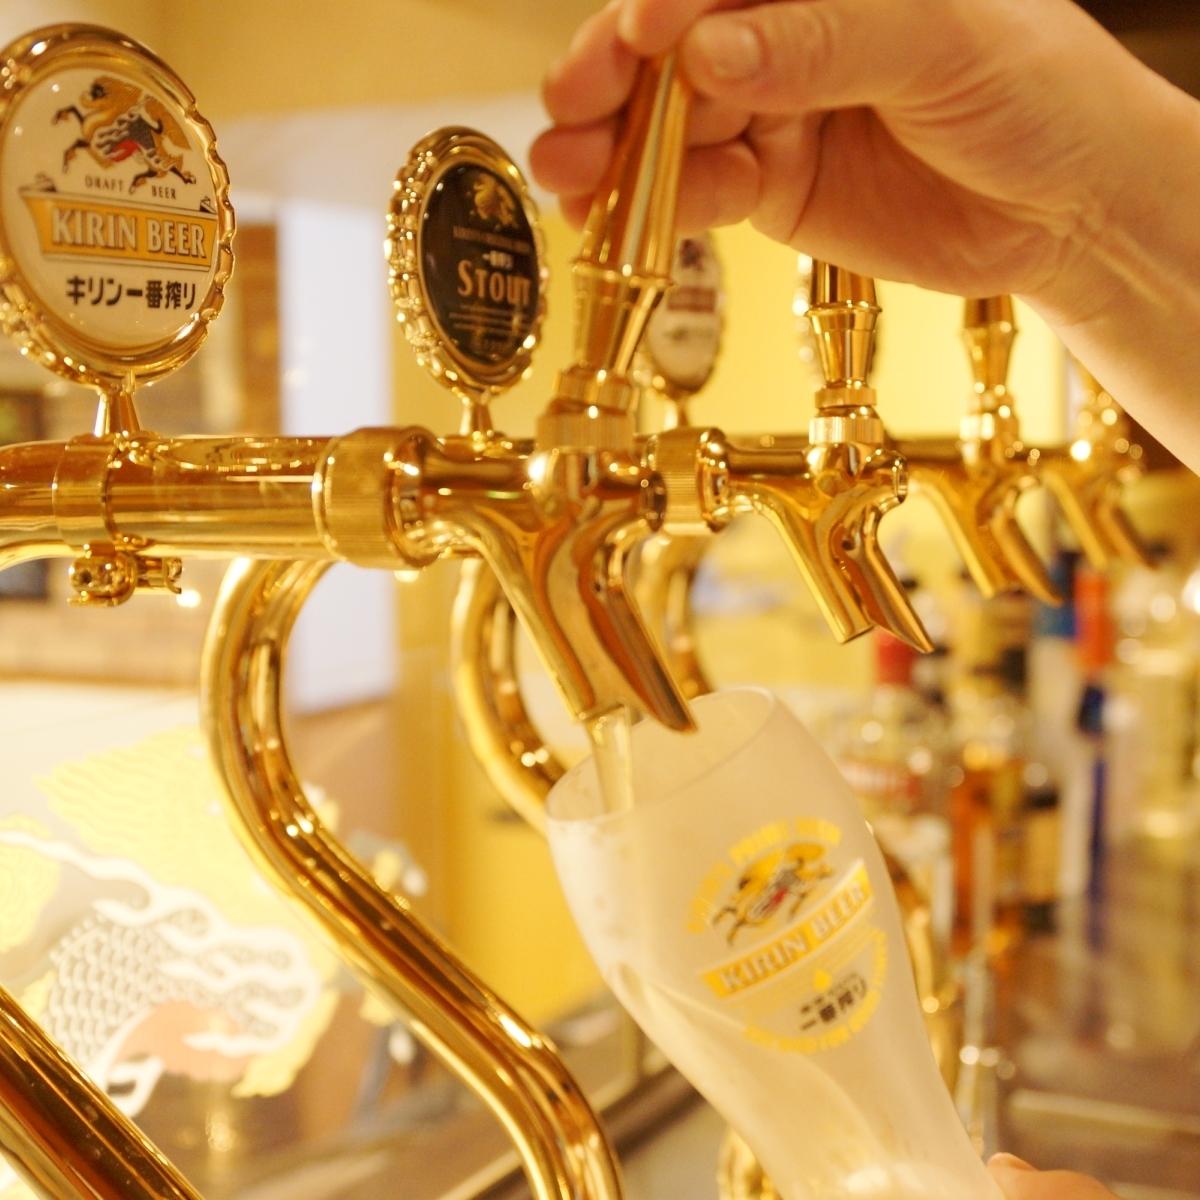 一番搾りコラボショップの誇りをかけたの麦酒(ビール)!